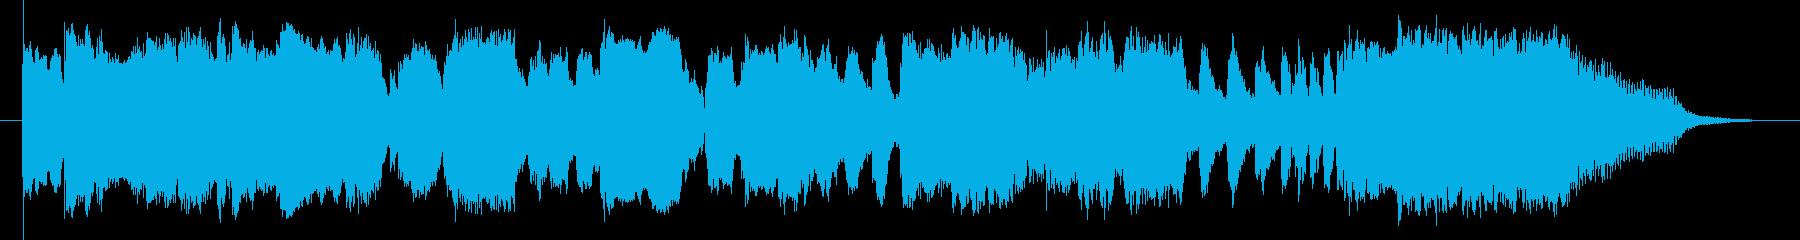 西部劇 トランペットとアコギの再生済みの波形